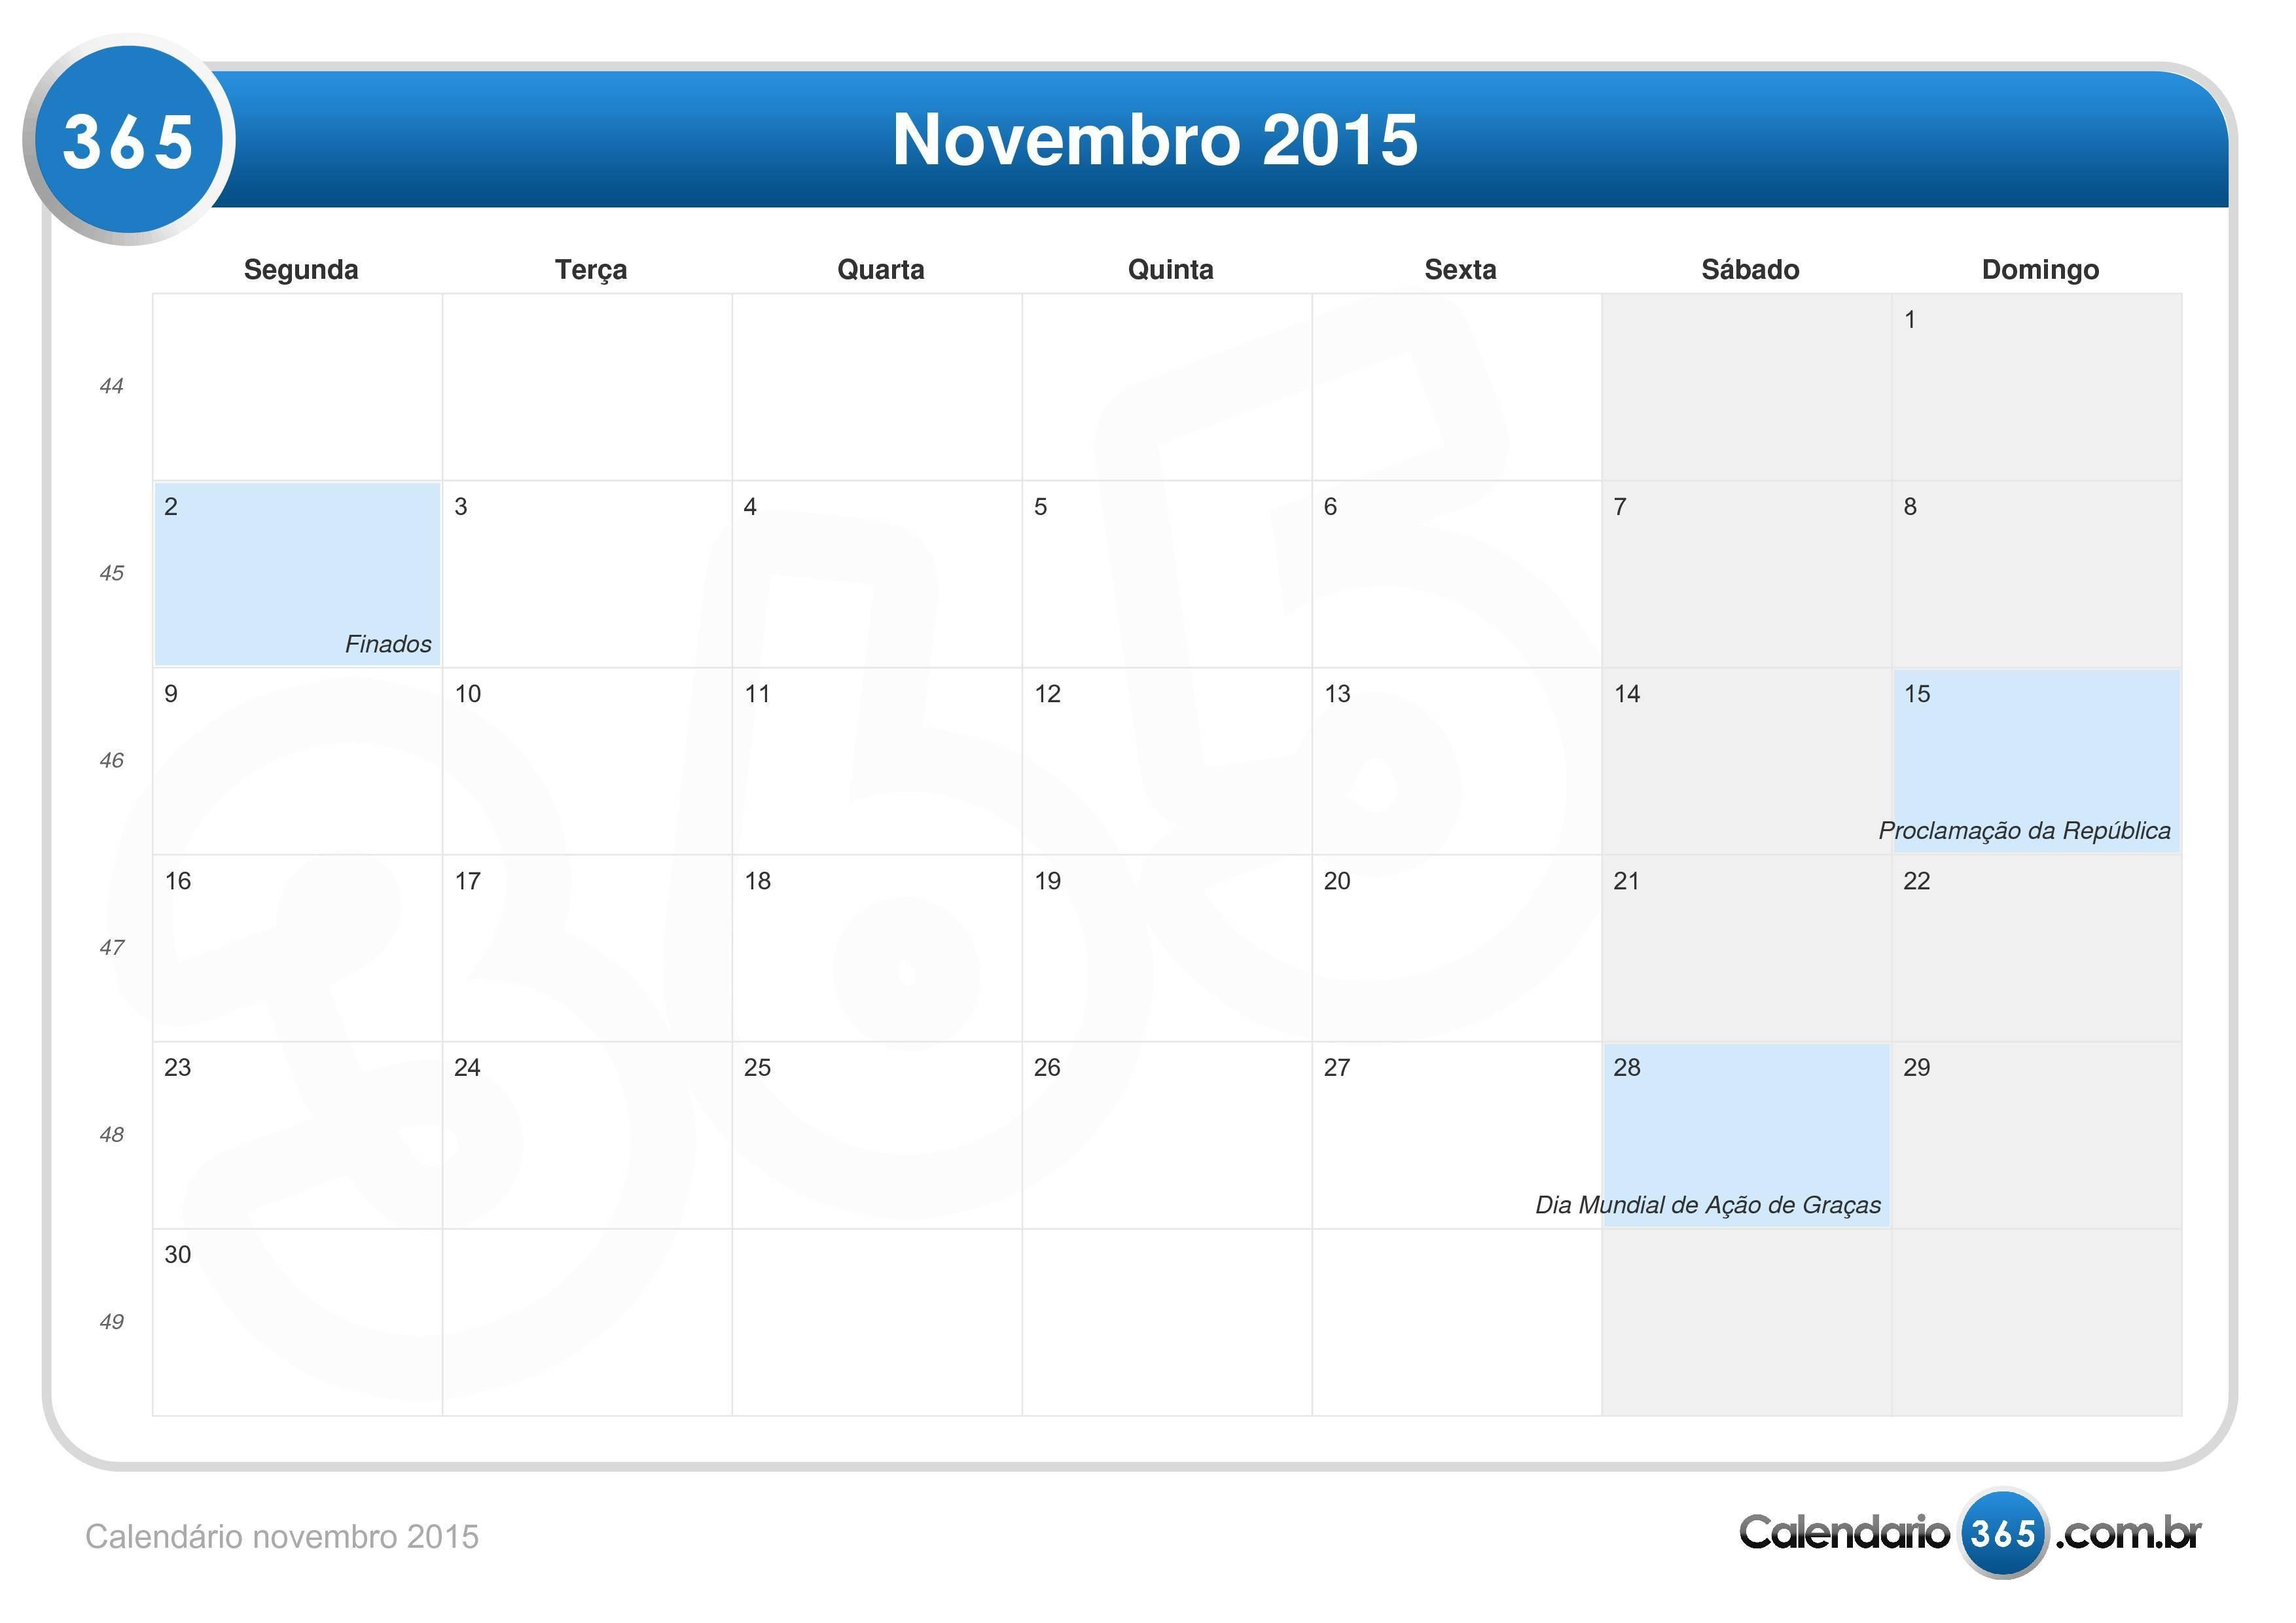 Calendario 2020 Feriados Guarulhos Actual Calendário Novembro 2015 Of Calendario 2020 Feriados Guarulhos Recientes Do Brasil Prefeitura Dá Tem Dia Livre Aumento De Dos